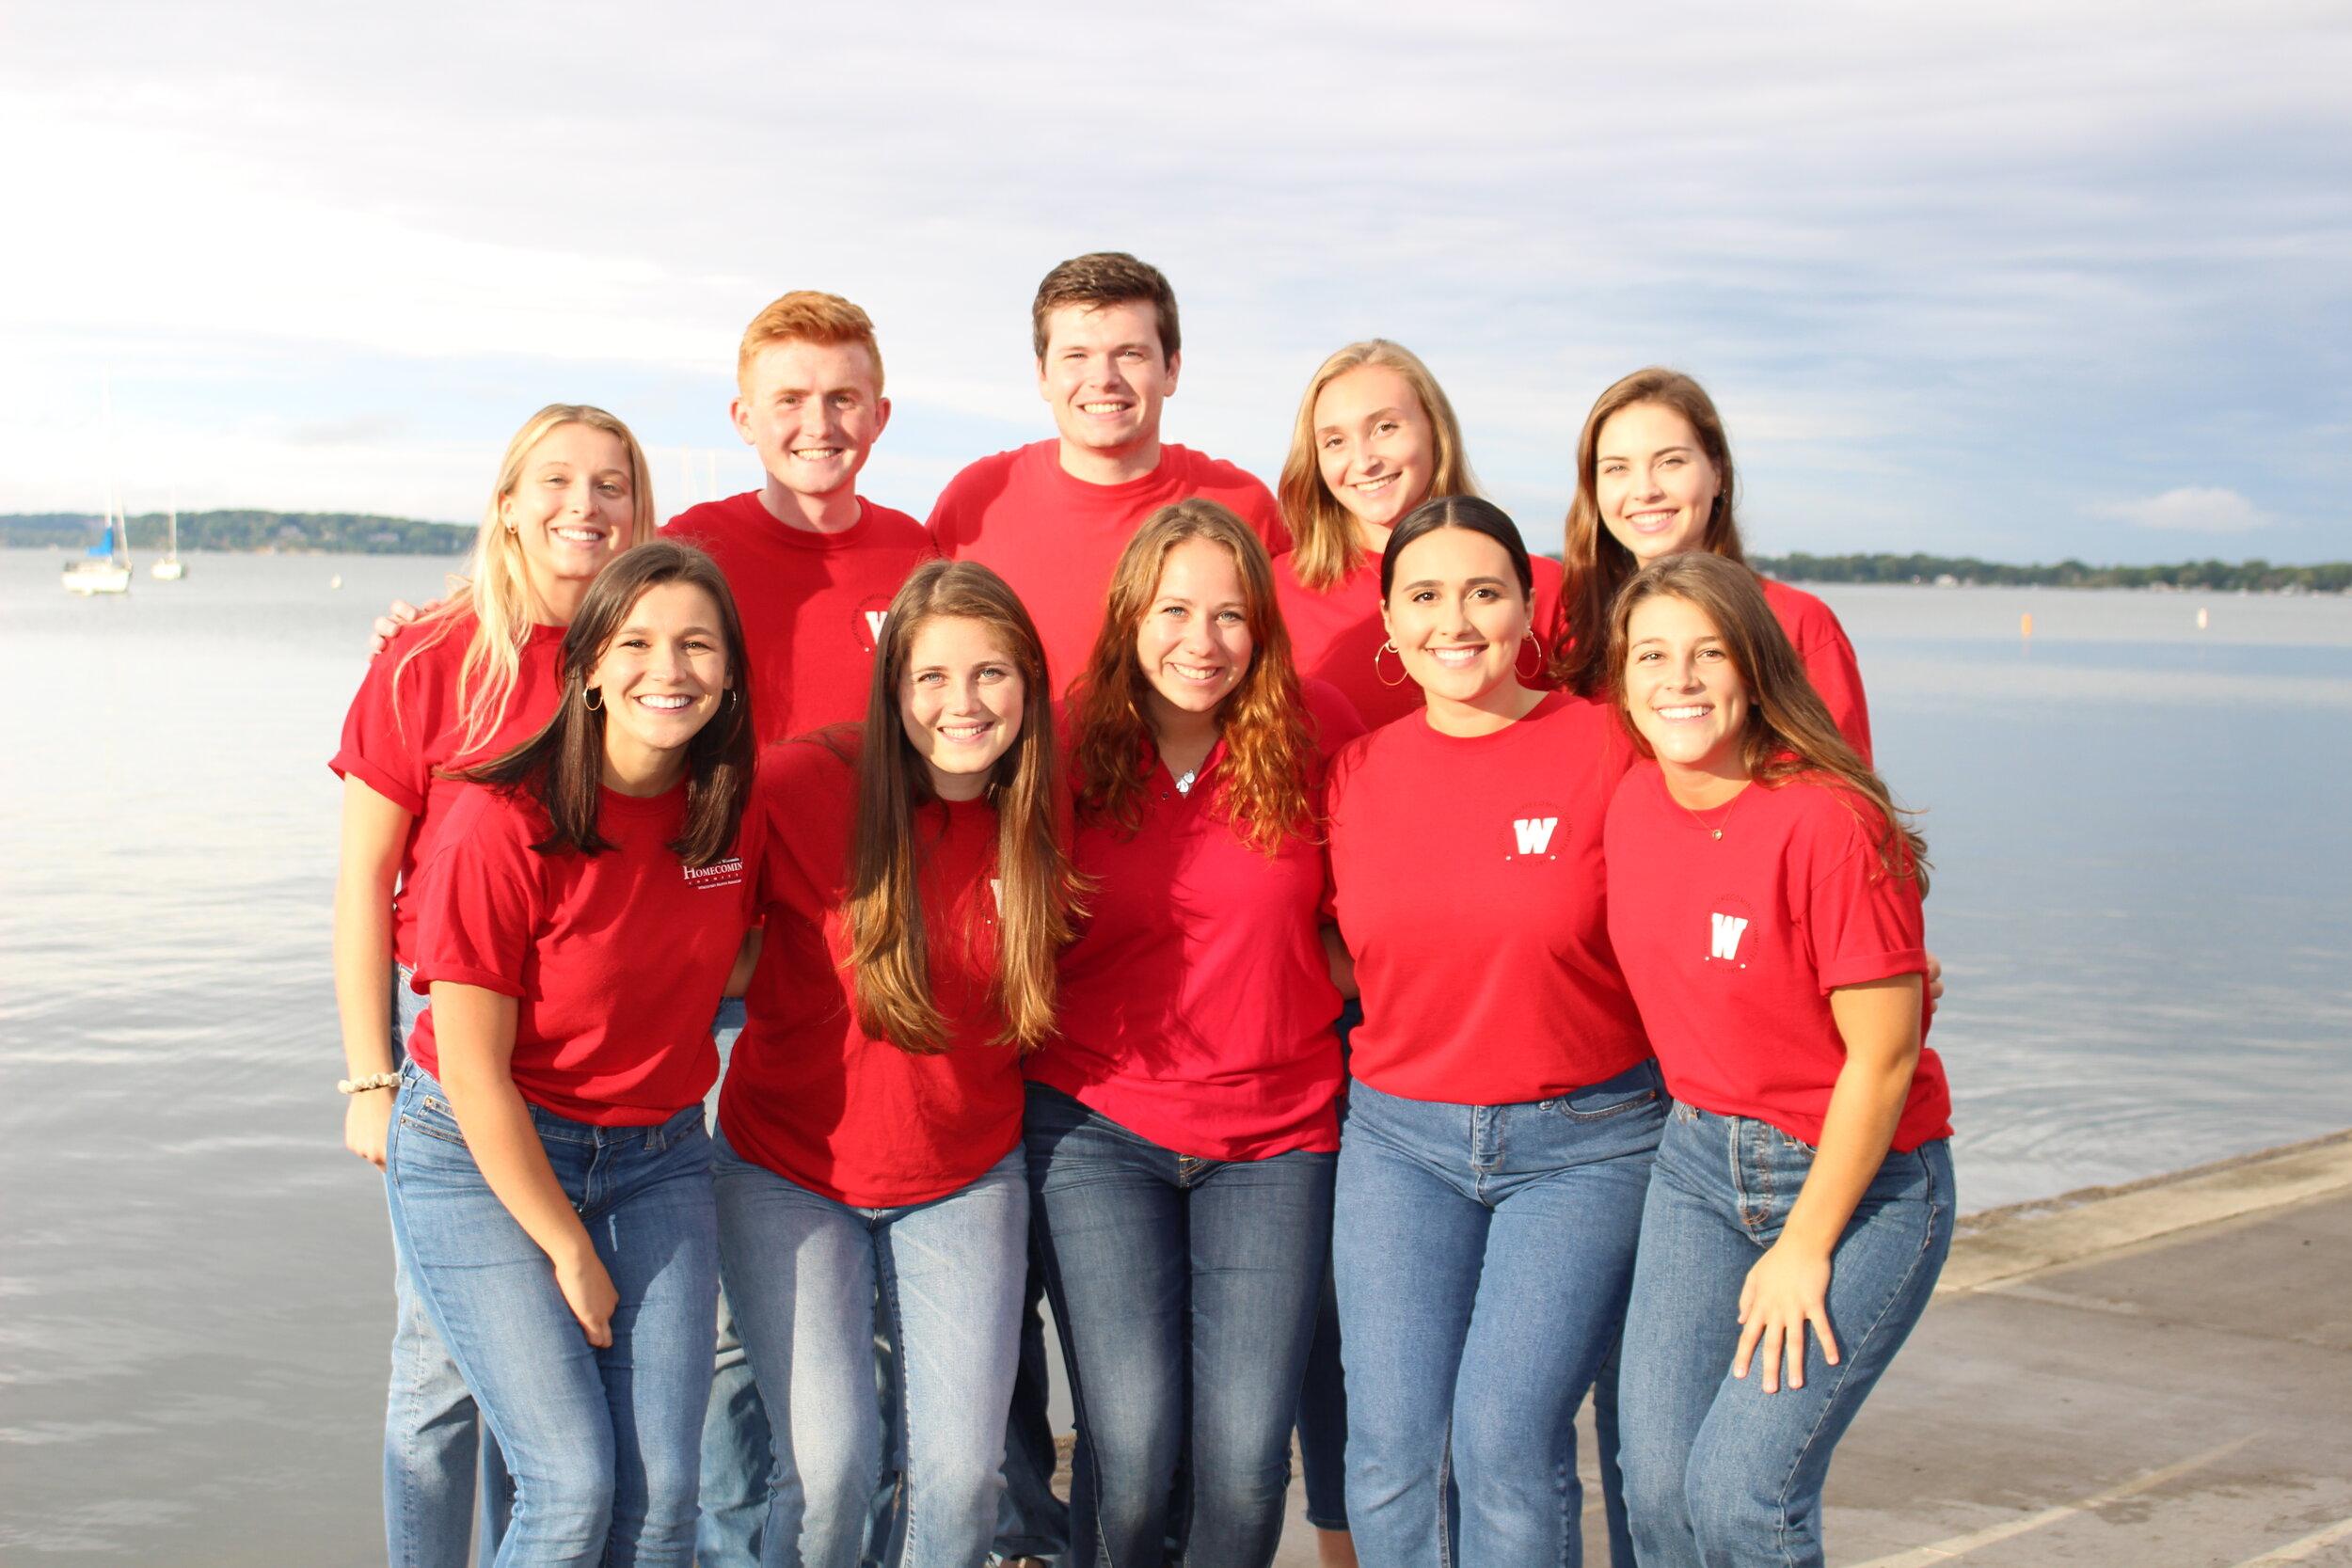 Campus Events Team